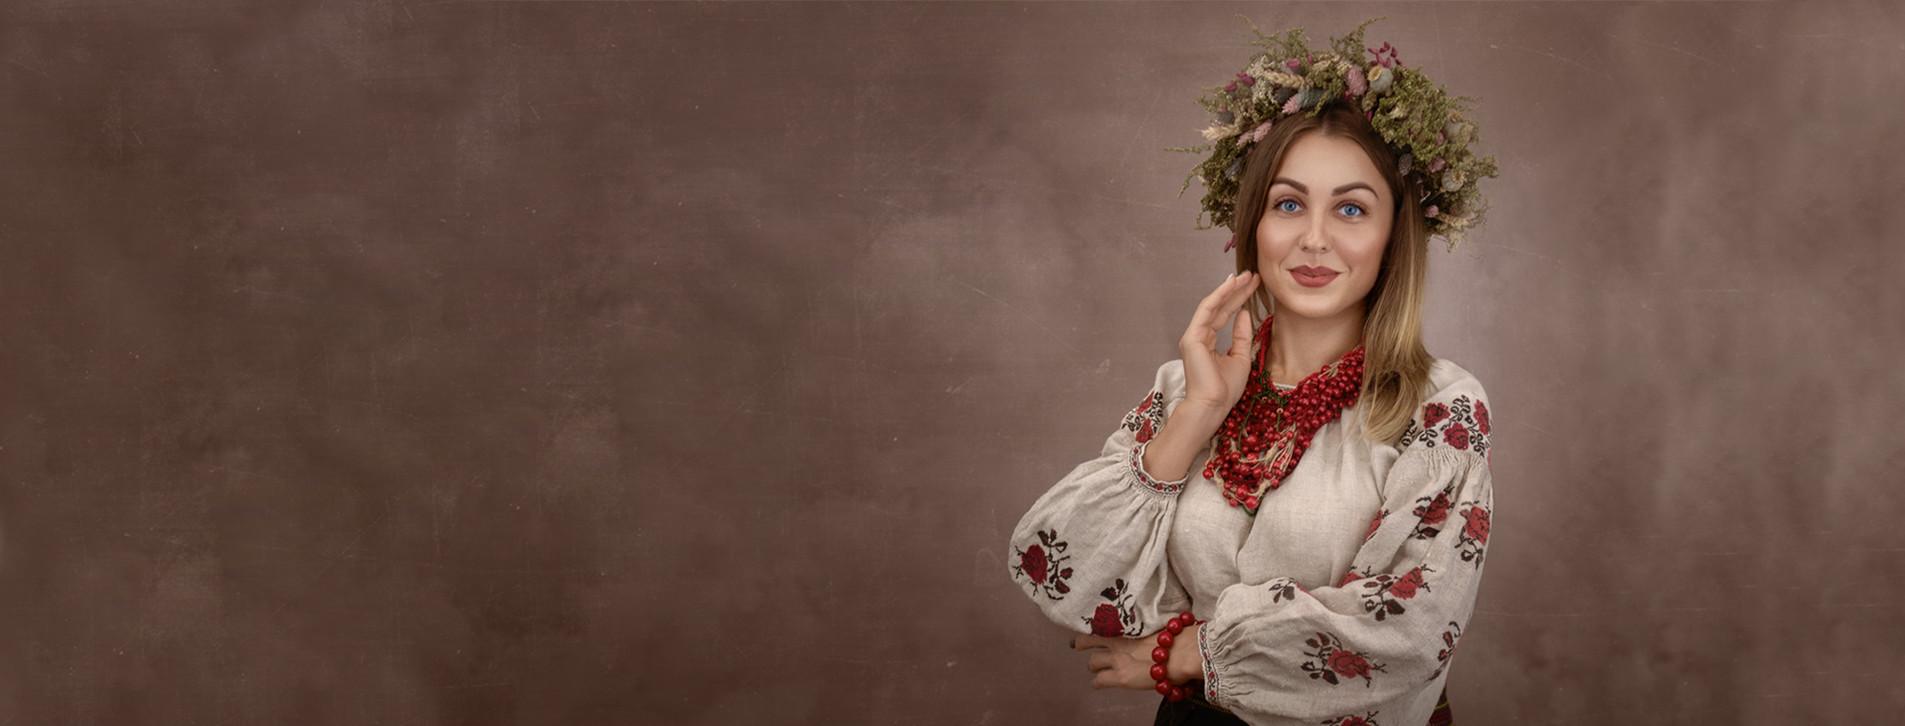 Фото - Этнофотосессия в украинских костюмах